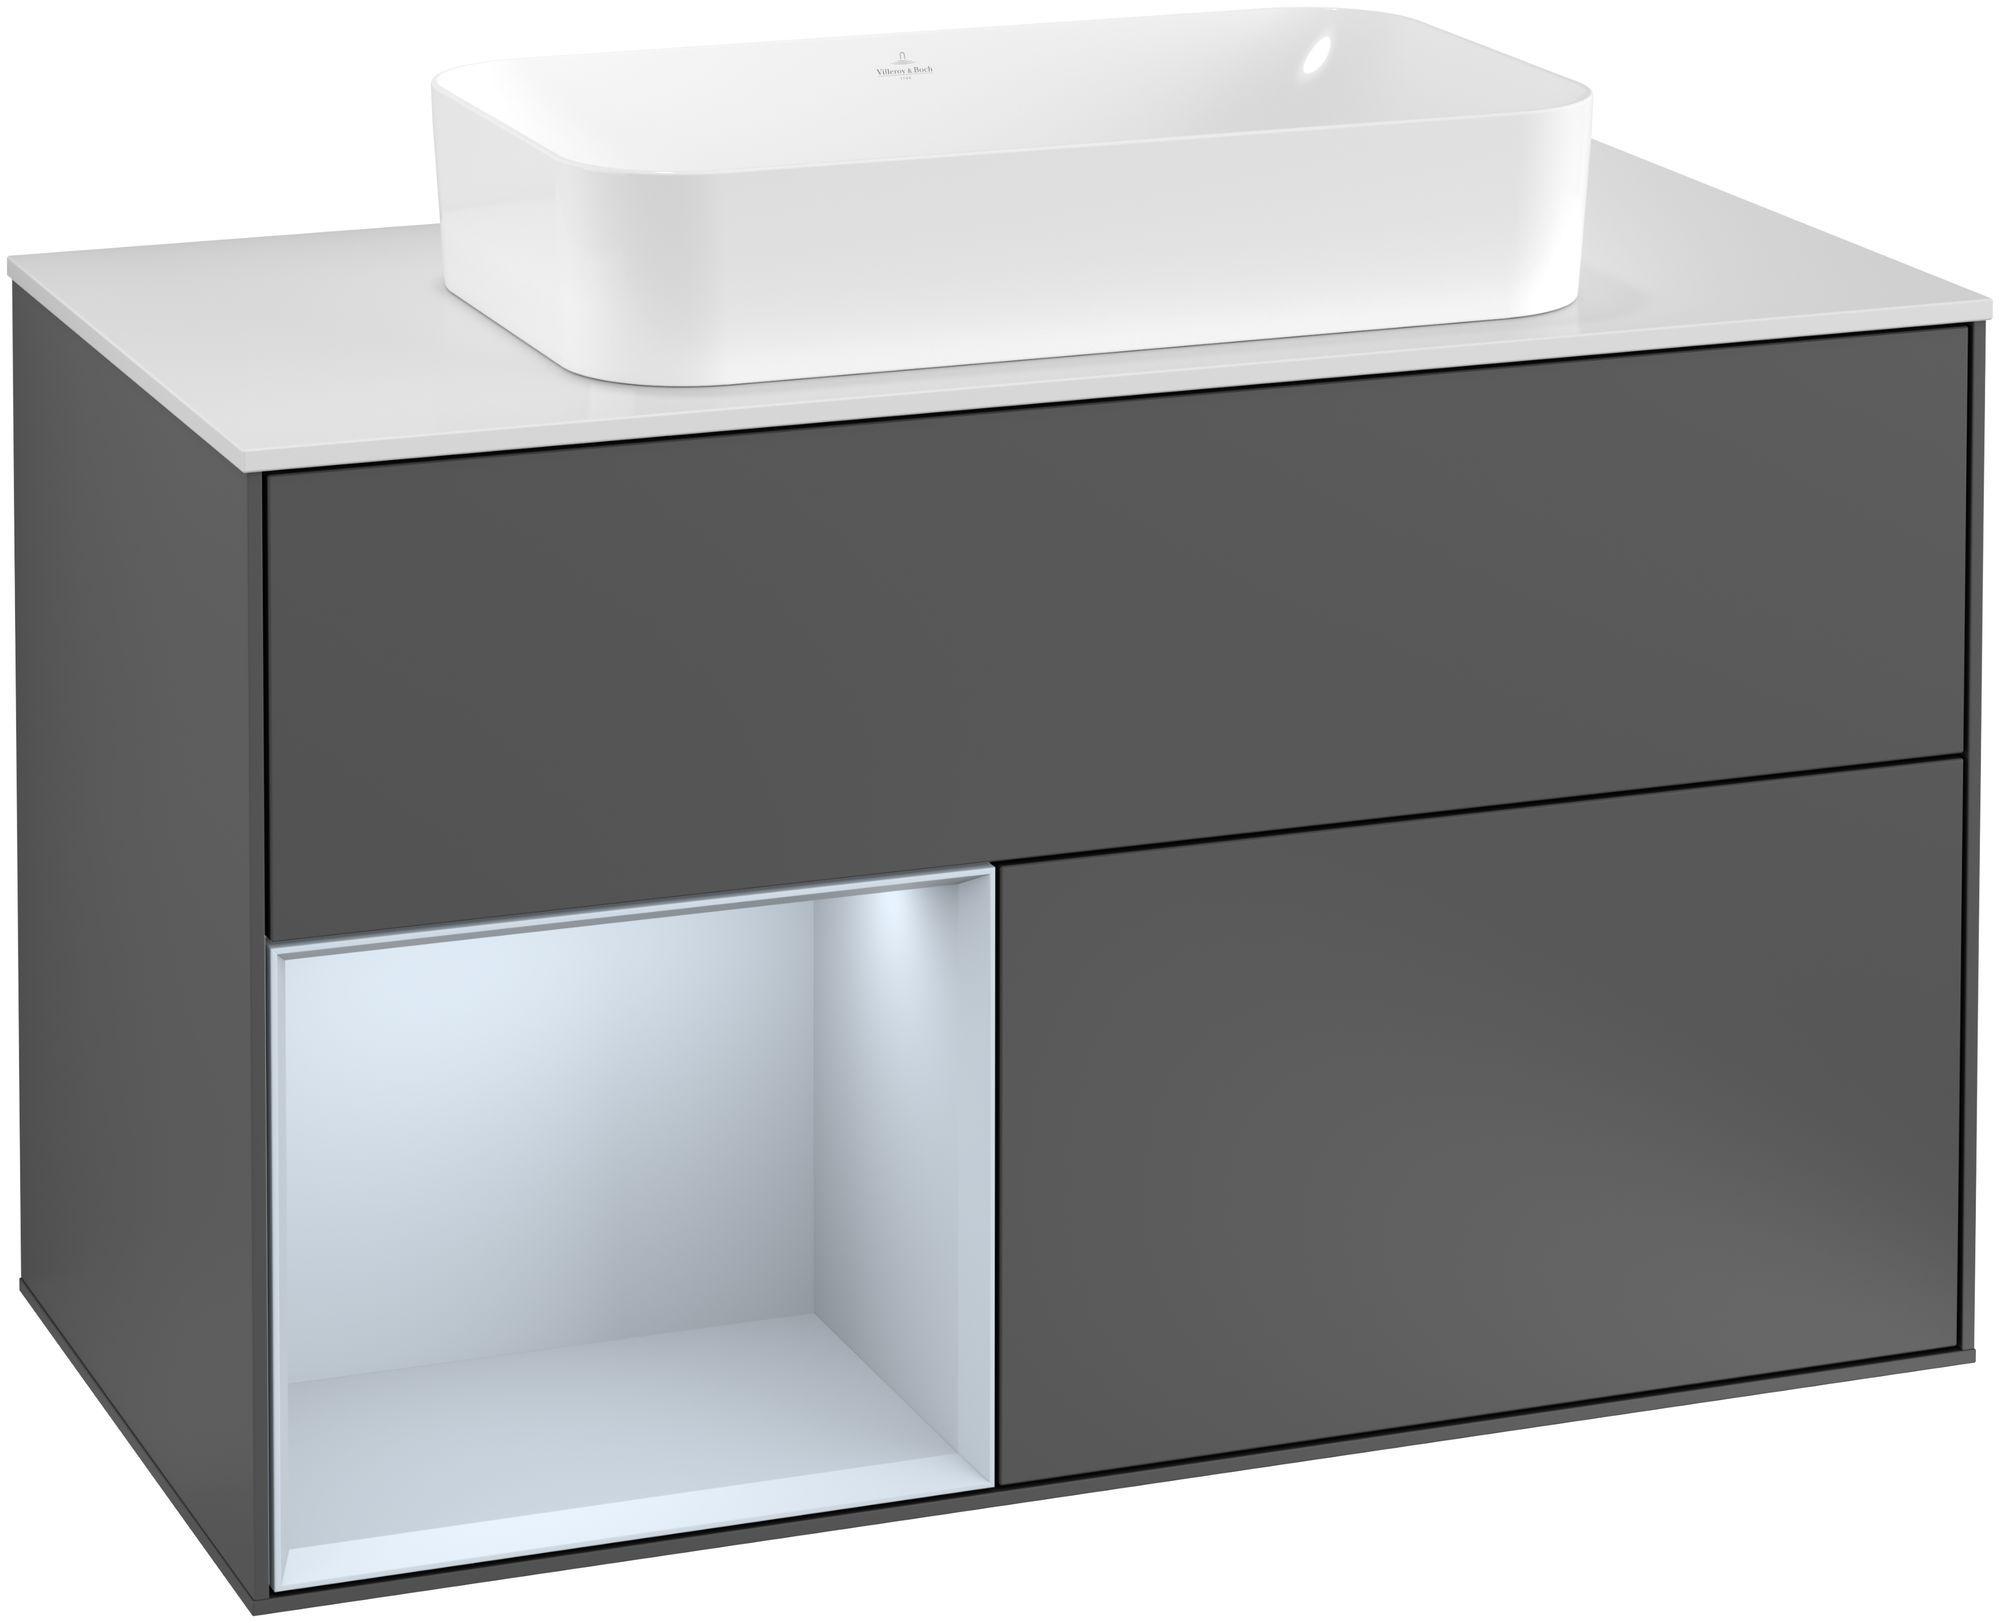 Villeroy & Boch Finion G24 Waschtischunterschrank mit Regalelement 2 Auszüge für WT mittig LED-Beleuchtung B:100xH:60,3xT:50,1cm Front, Korpus: Anthracite Matt, Regal: Cloud, Glasplatte: White Matt G241HAGK